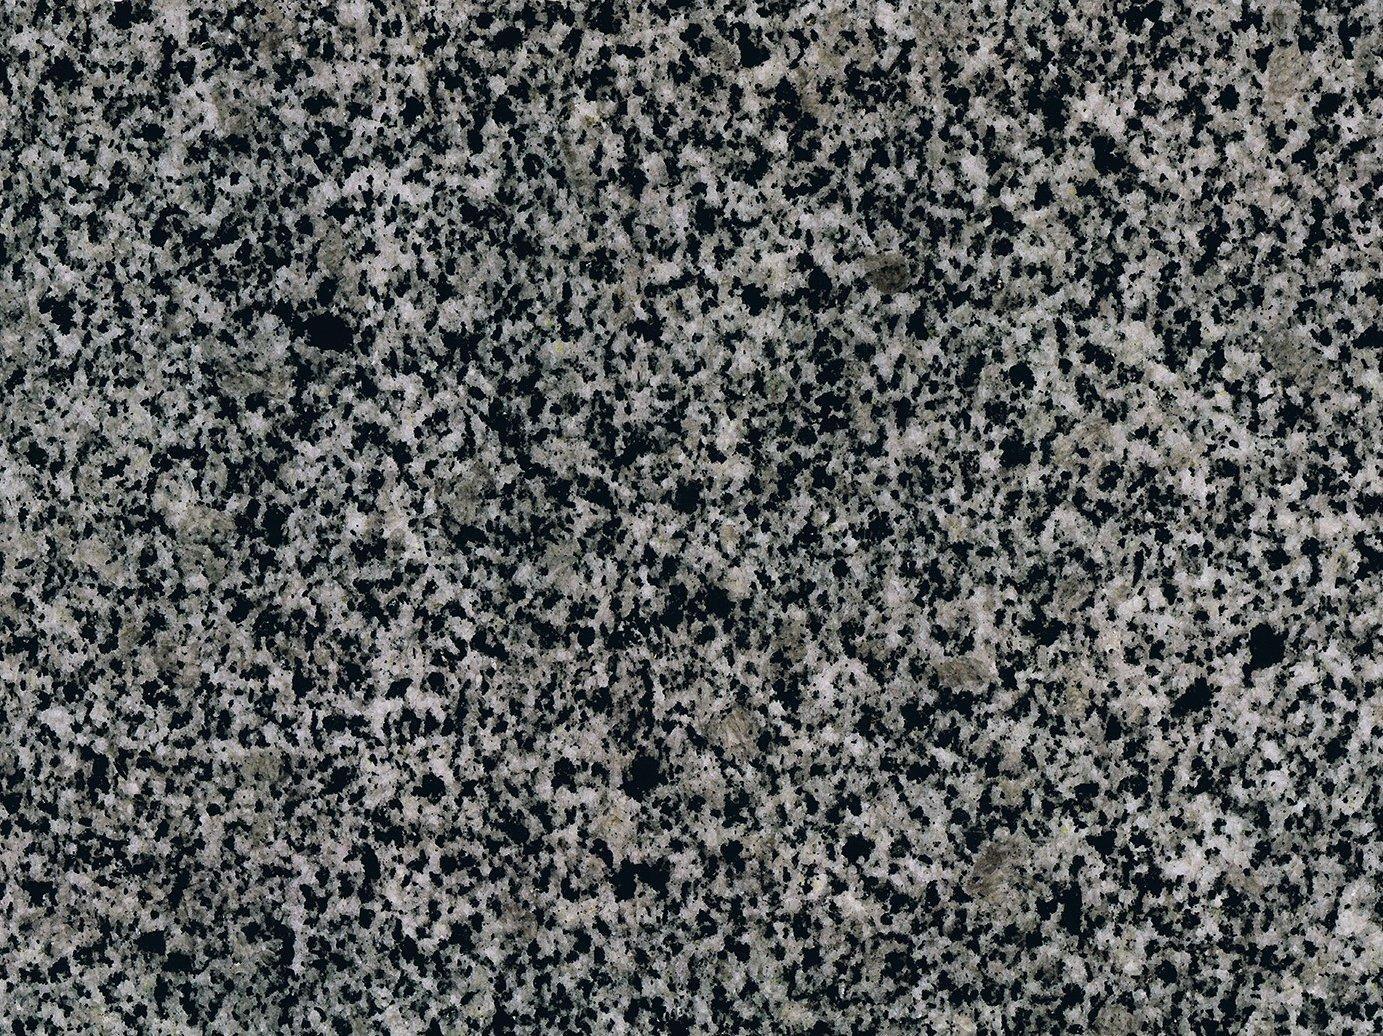 серый гранит покостовского месторождения